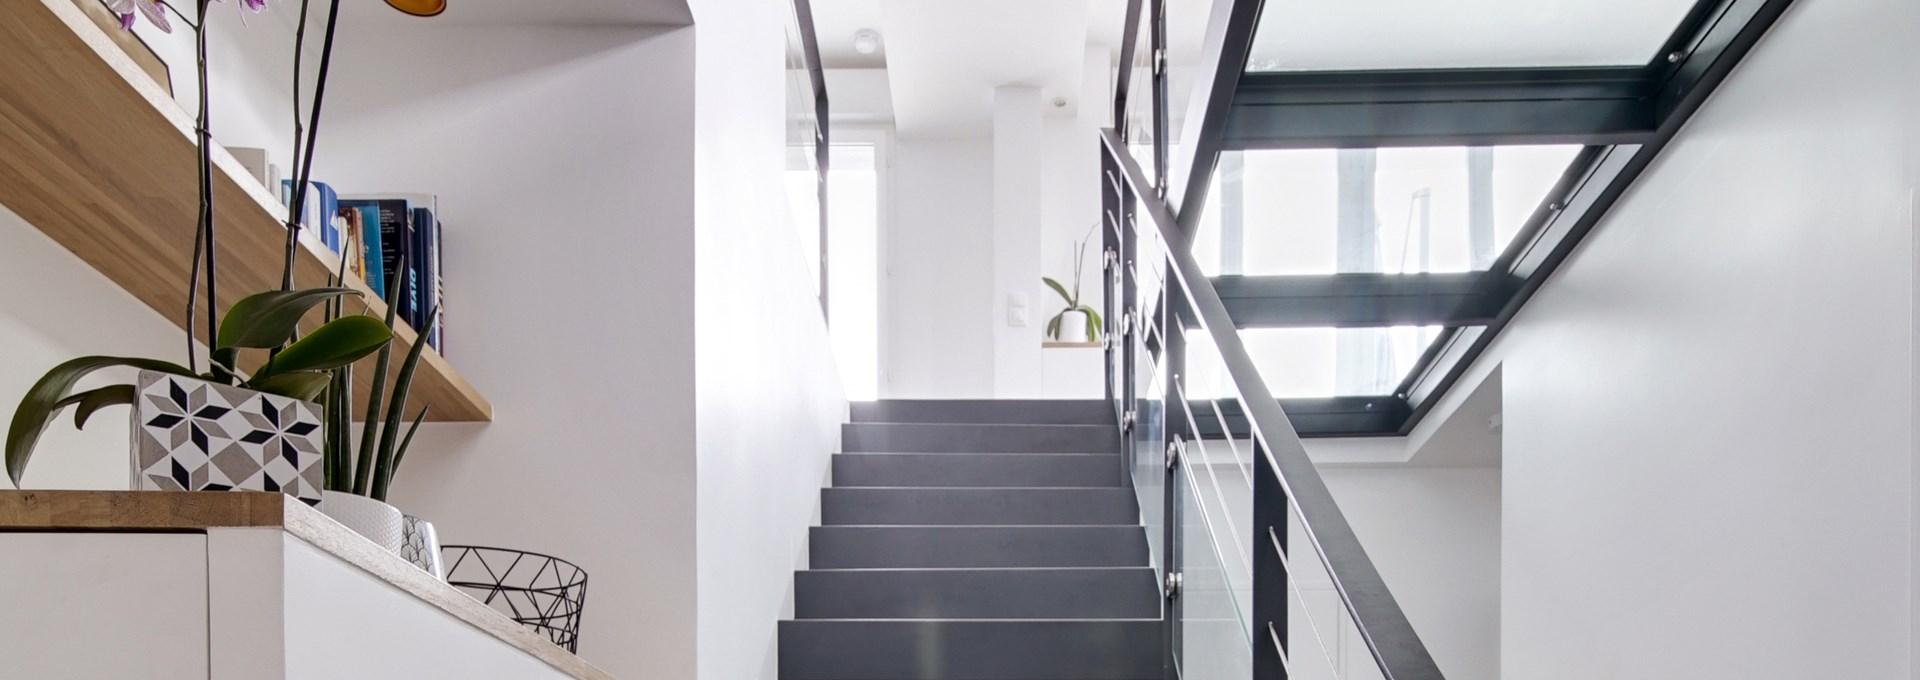 P_Agence-Avous-Duplex-Ambiance-industrielle-Dalle-verre